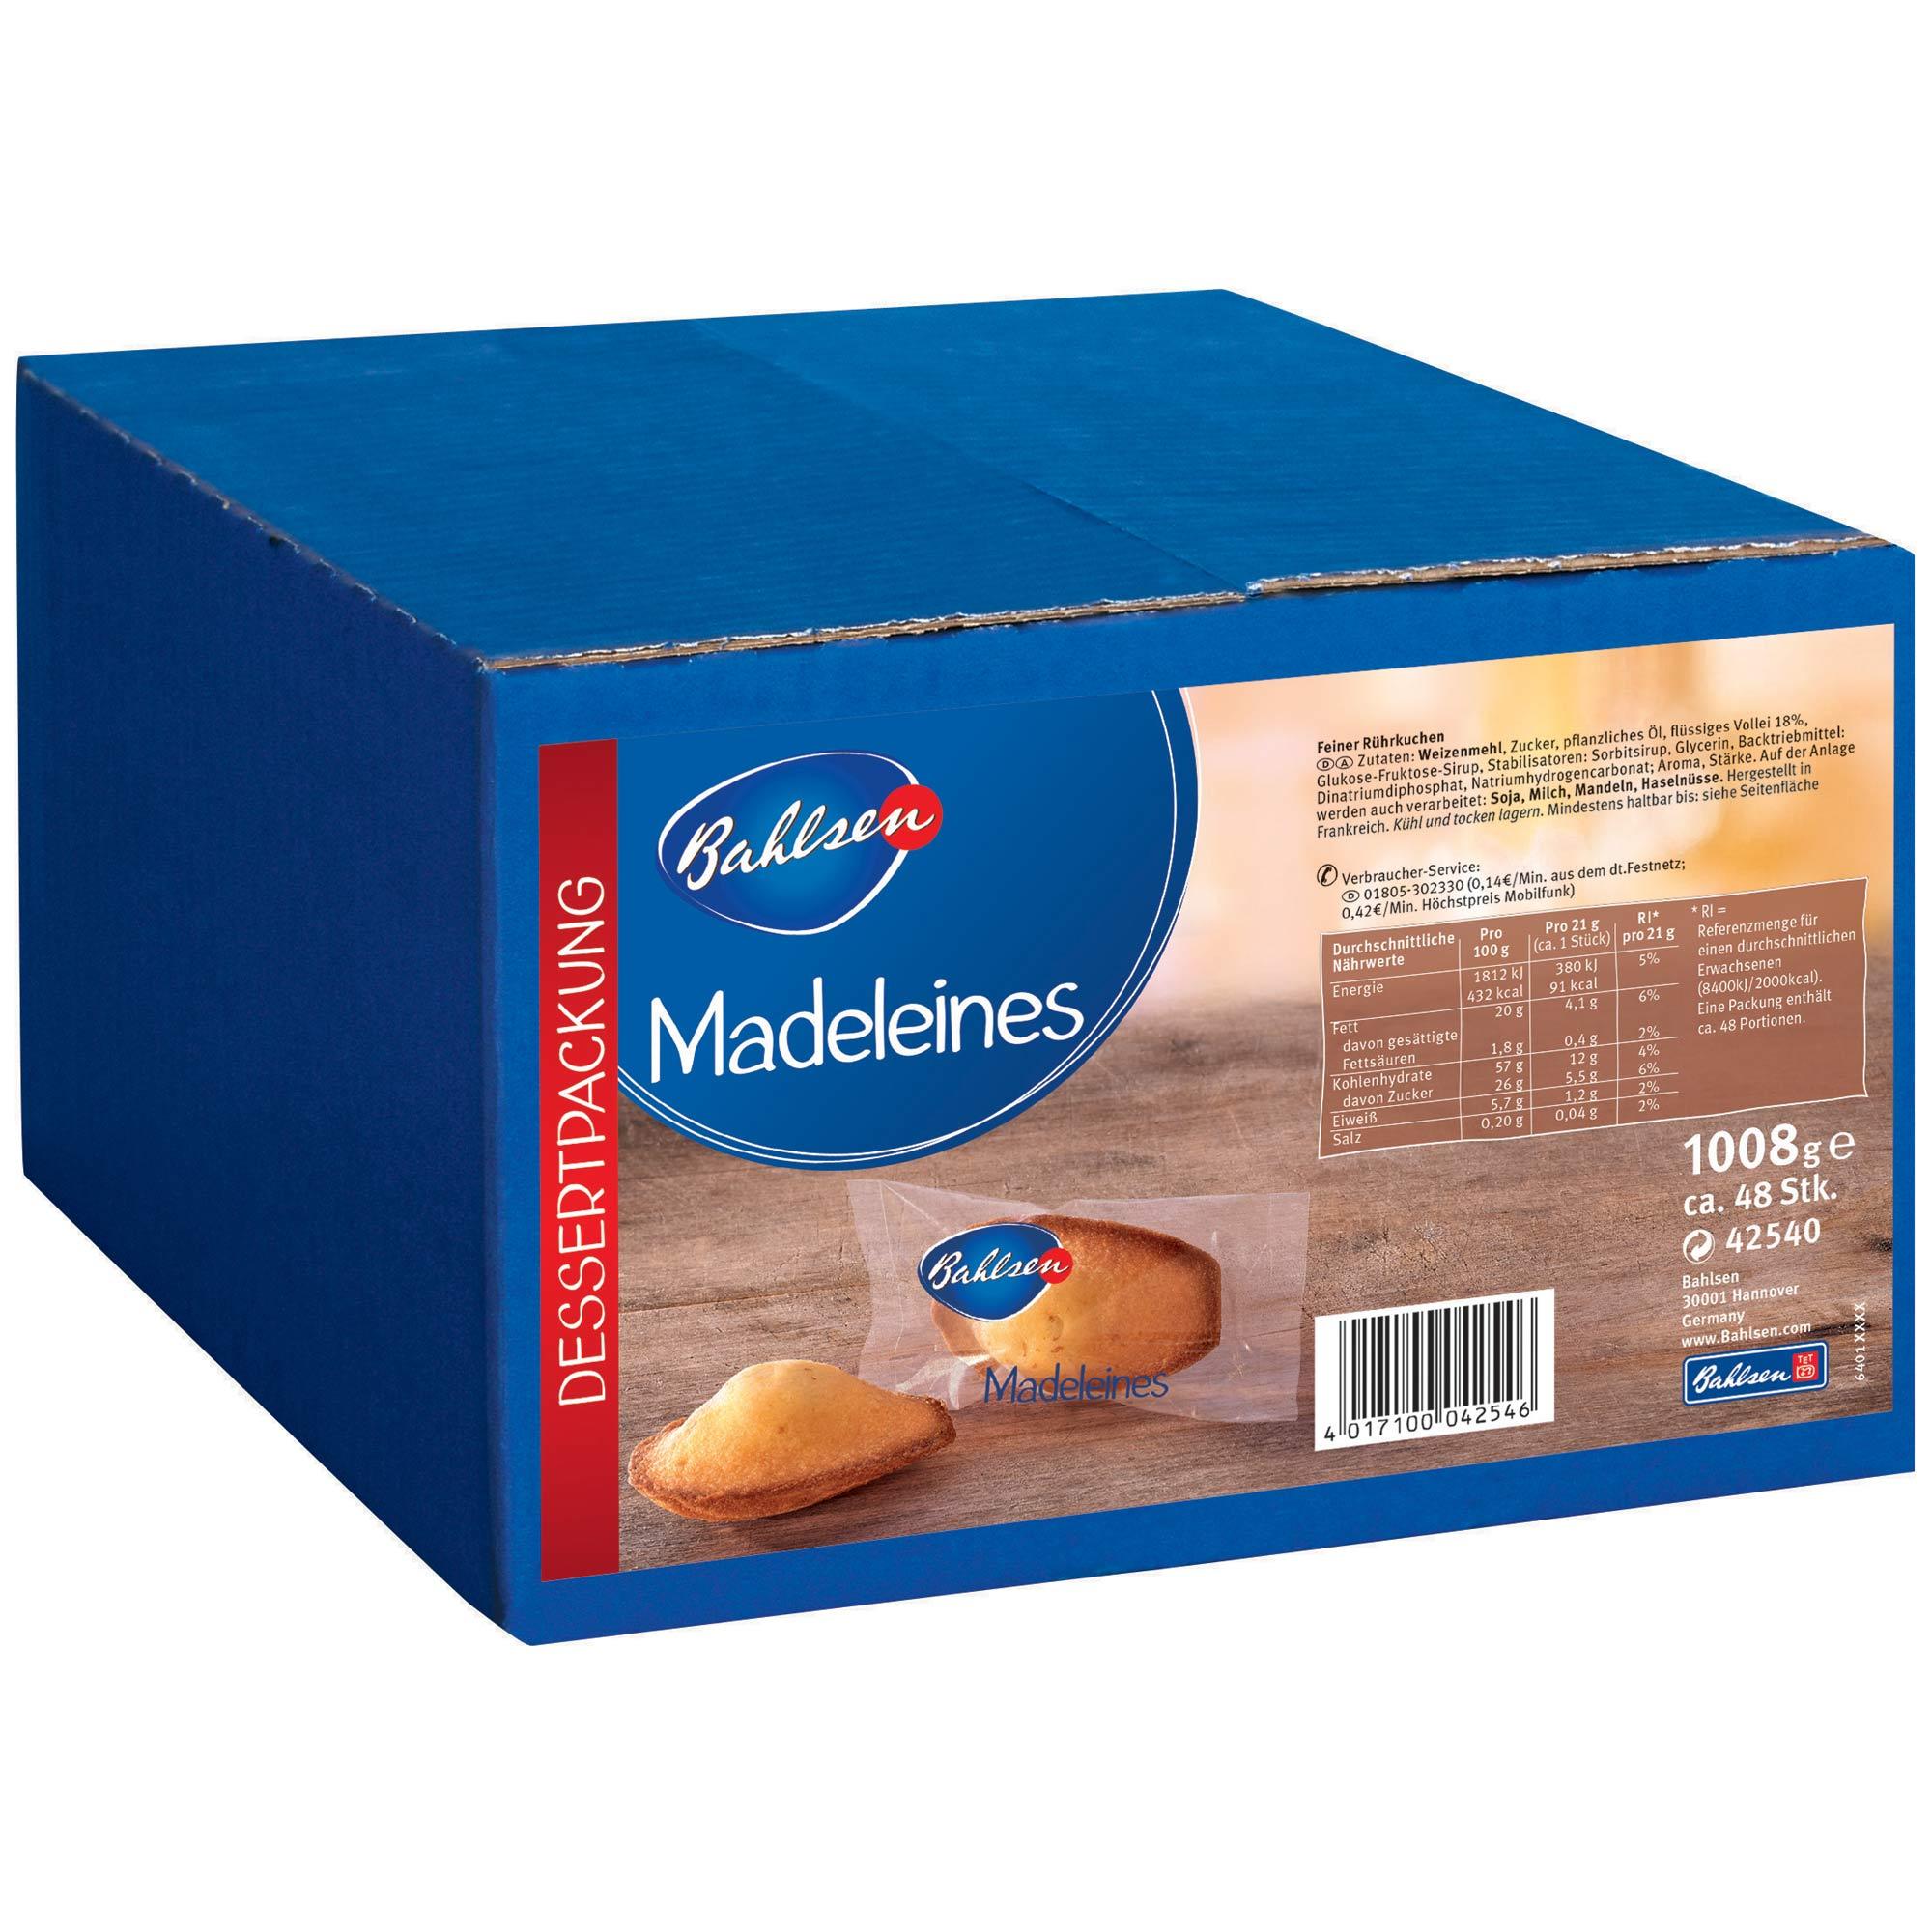 bahlsen madeleines 48er catering karton online kaufen im world of sweets shop. Black Bedroom Furniture Sets. Home Design Ideas